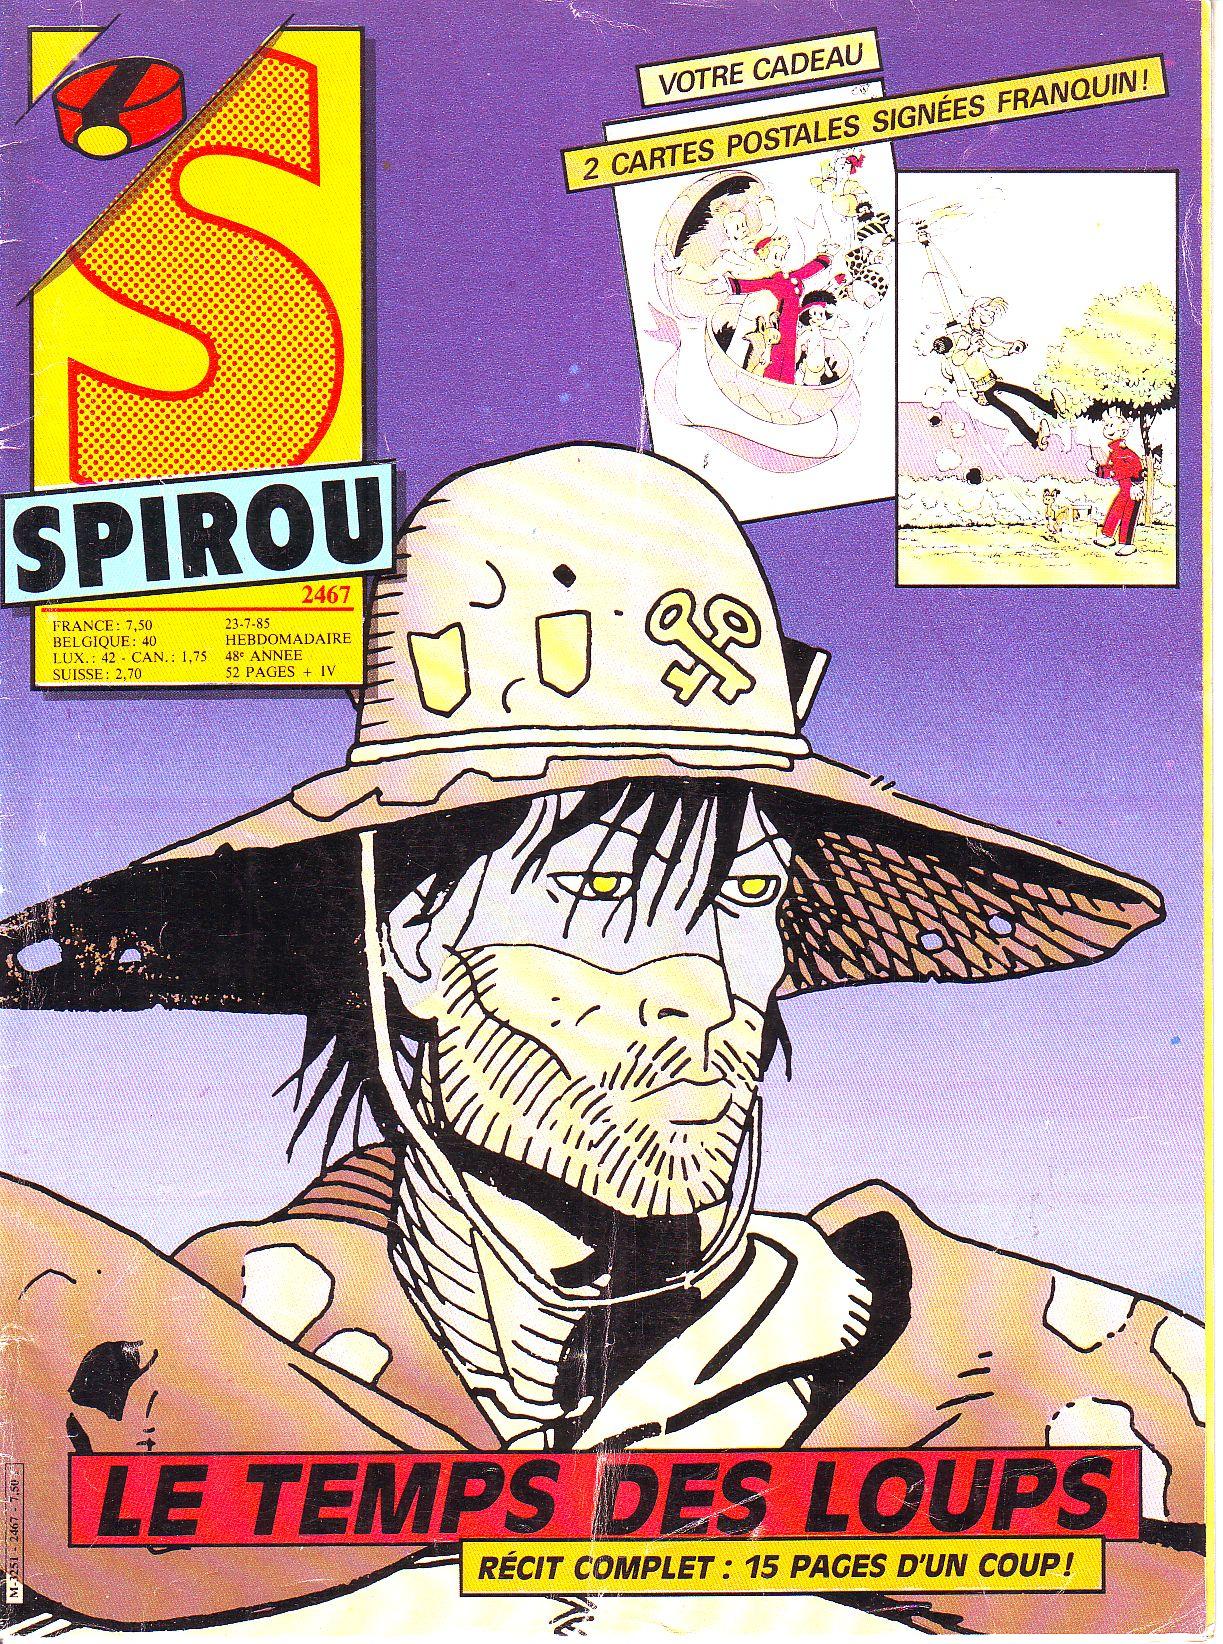 Le journal de Spirou 2467